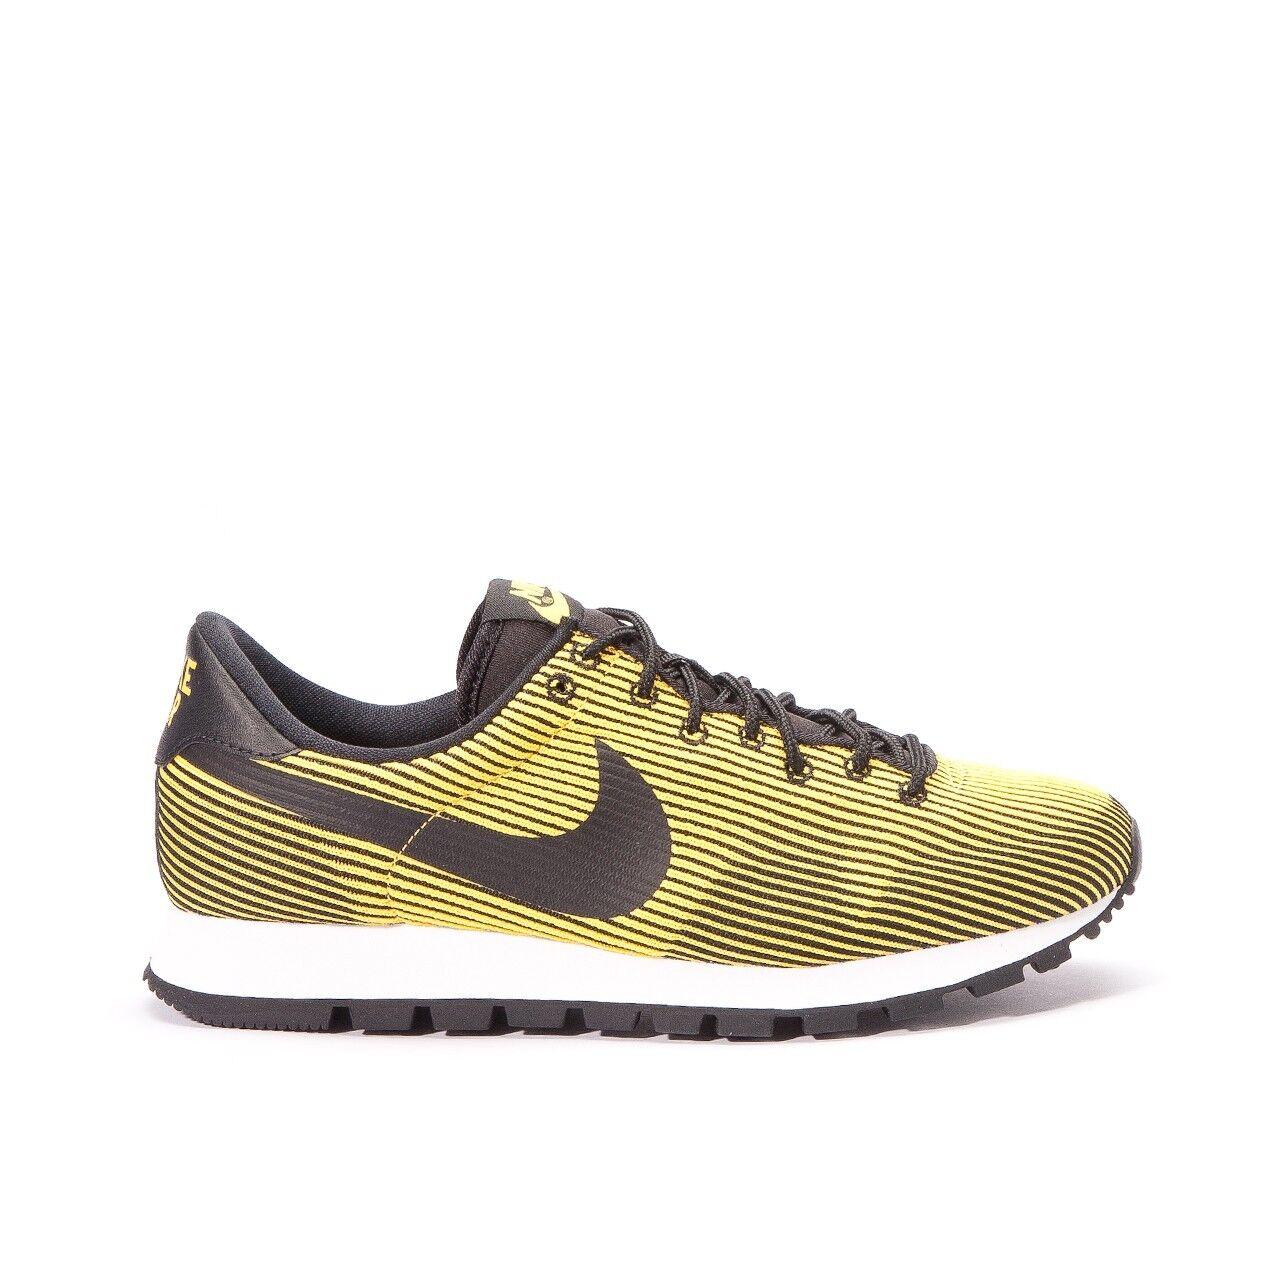 Nike Air Pegasus 83 Knit Jacquard - Men's 7.5 (828406-004) BLACK/VARSITY MAIZE